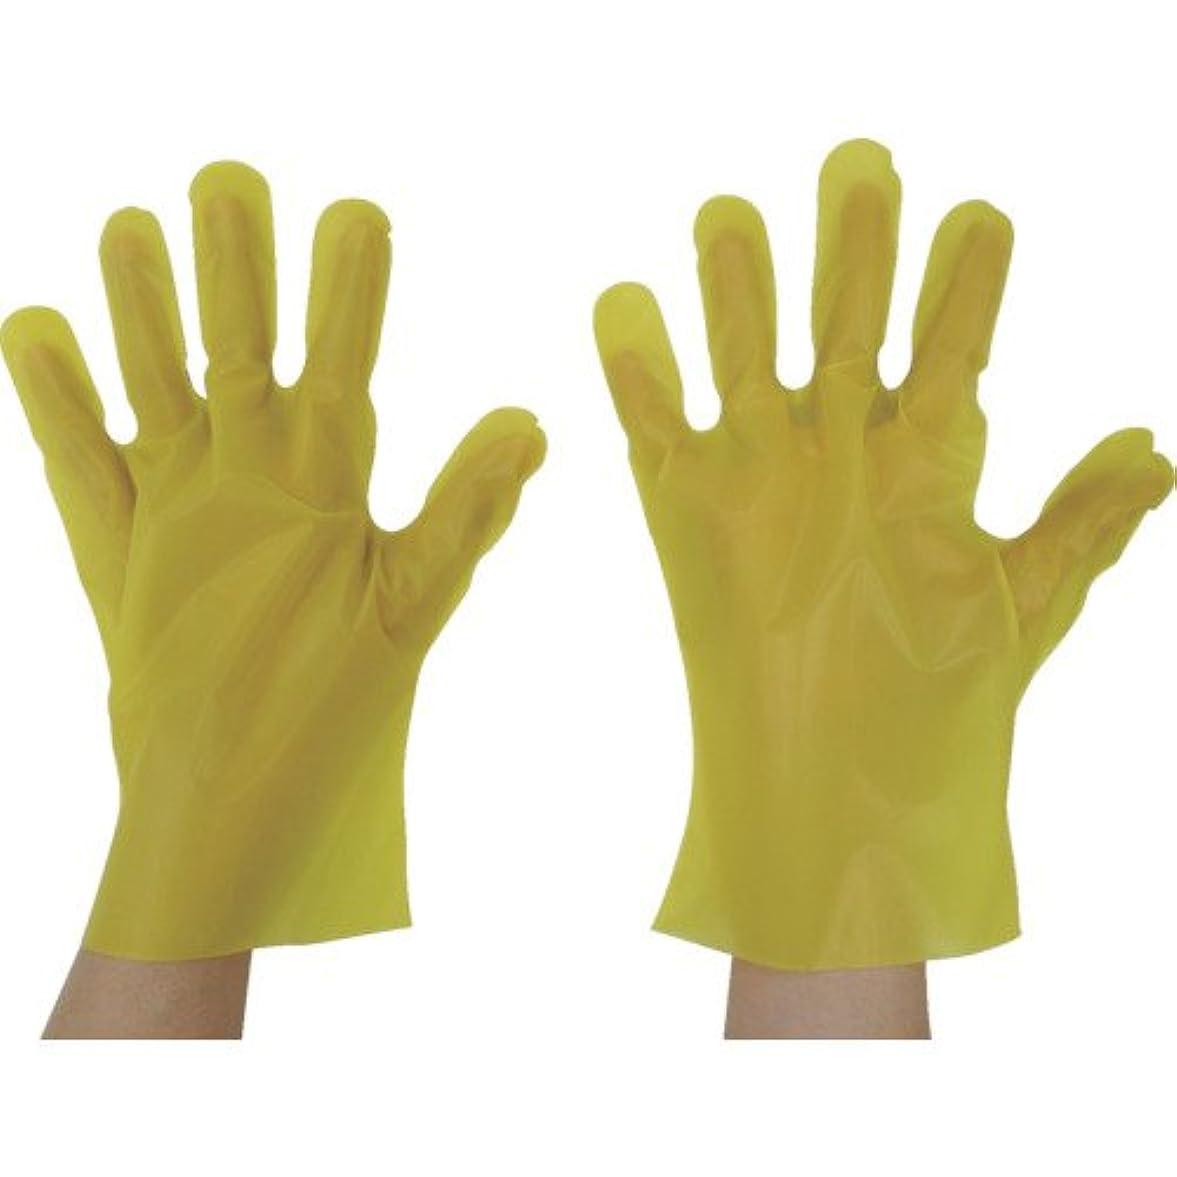 避けられないウォルターカニンガム家主東京パック エンボス手袋五本絞りエコノミー化粧箱M イエロー(入数:200枚) YEK-M